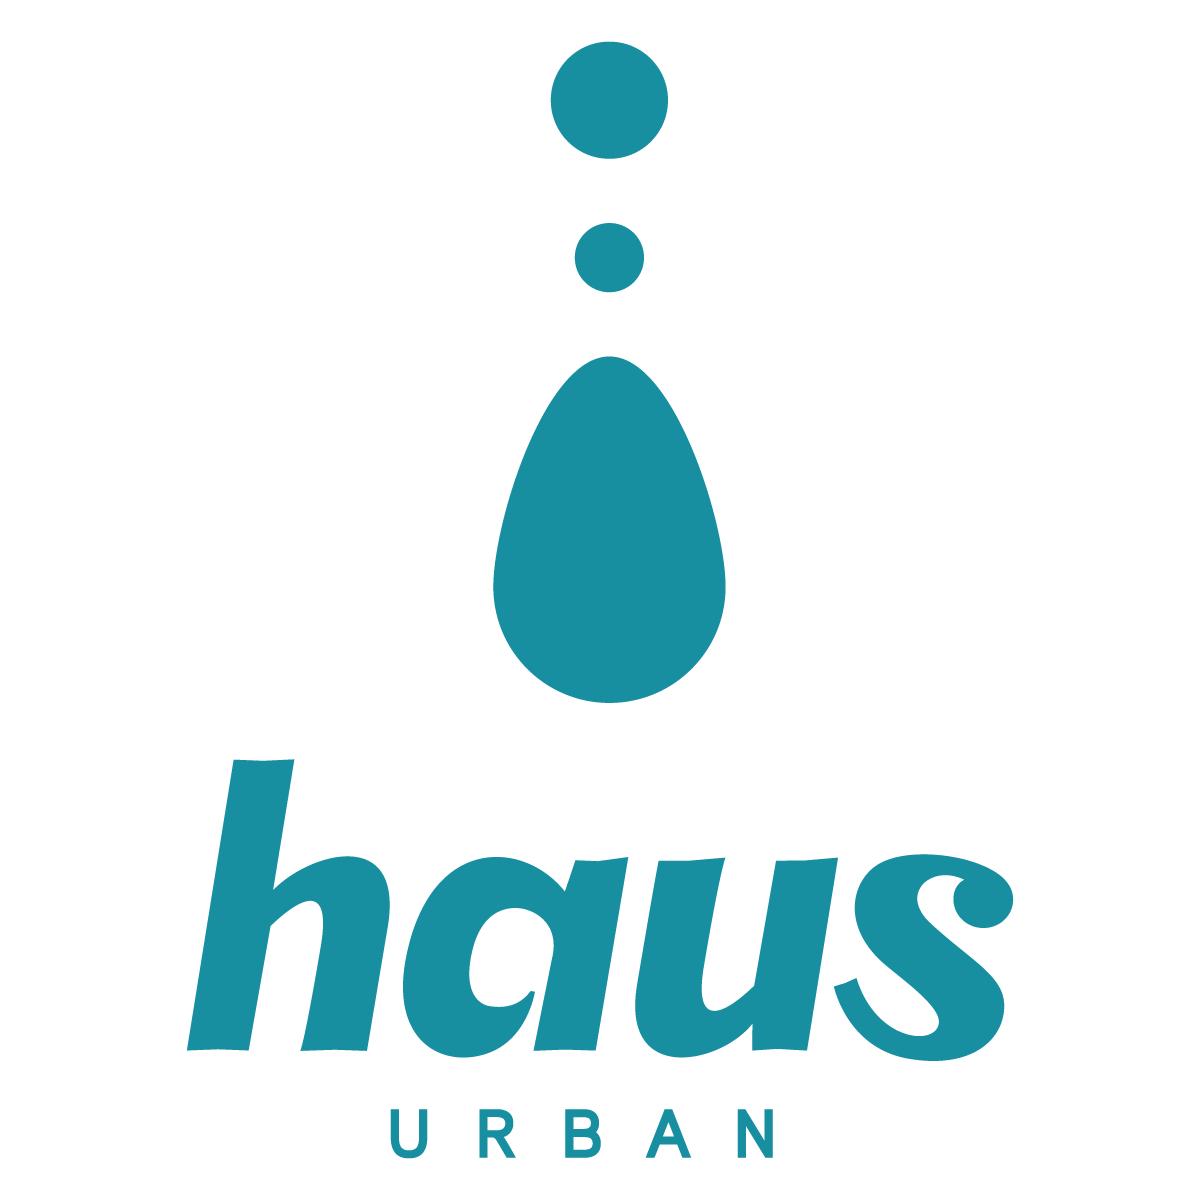 HausUrban_Logo-01.png